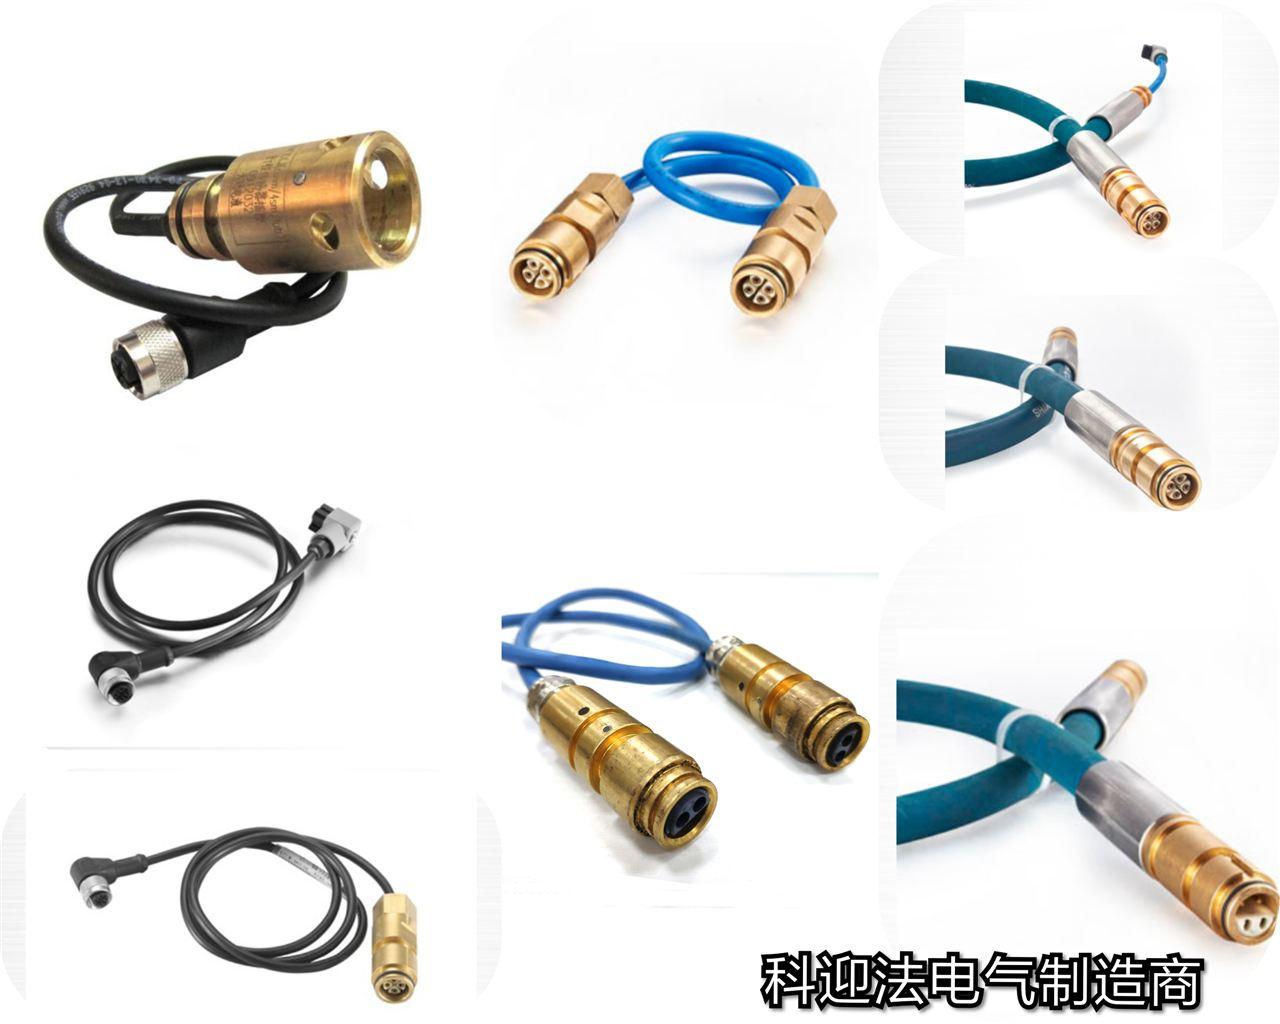 conmN/4c钢丝编织连接器主要包括连接设备:驱动器连接器;前立柱压力传感器连接器;后立柱压力传感器连接器;推移行程传感器连接器;电源箱;耦合器连接器;首架控制器;信号转换器连接器等,主要常见规格:LCYBV6;LCFB-4;LCYVB4;LCFB-4(A);LCFB-4;LCYVB-4;LCYBV4;LCYVB4等物料型号。